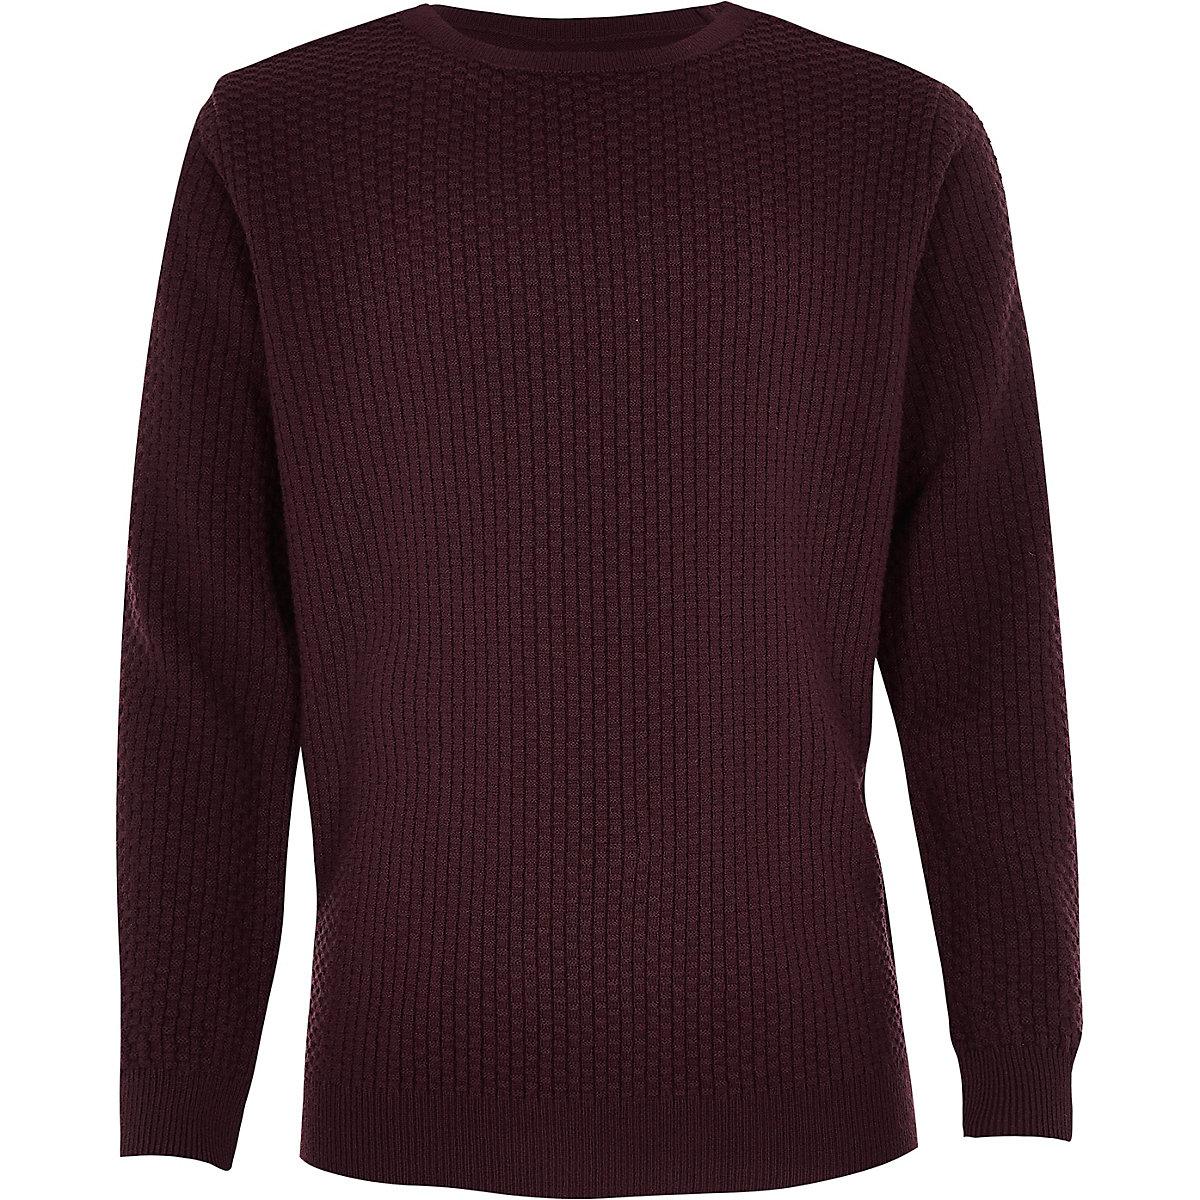 Boys burgundy textured jumper